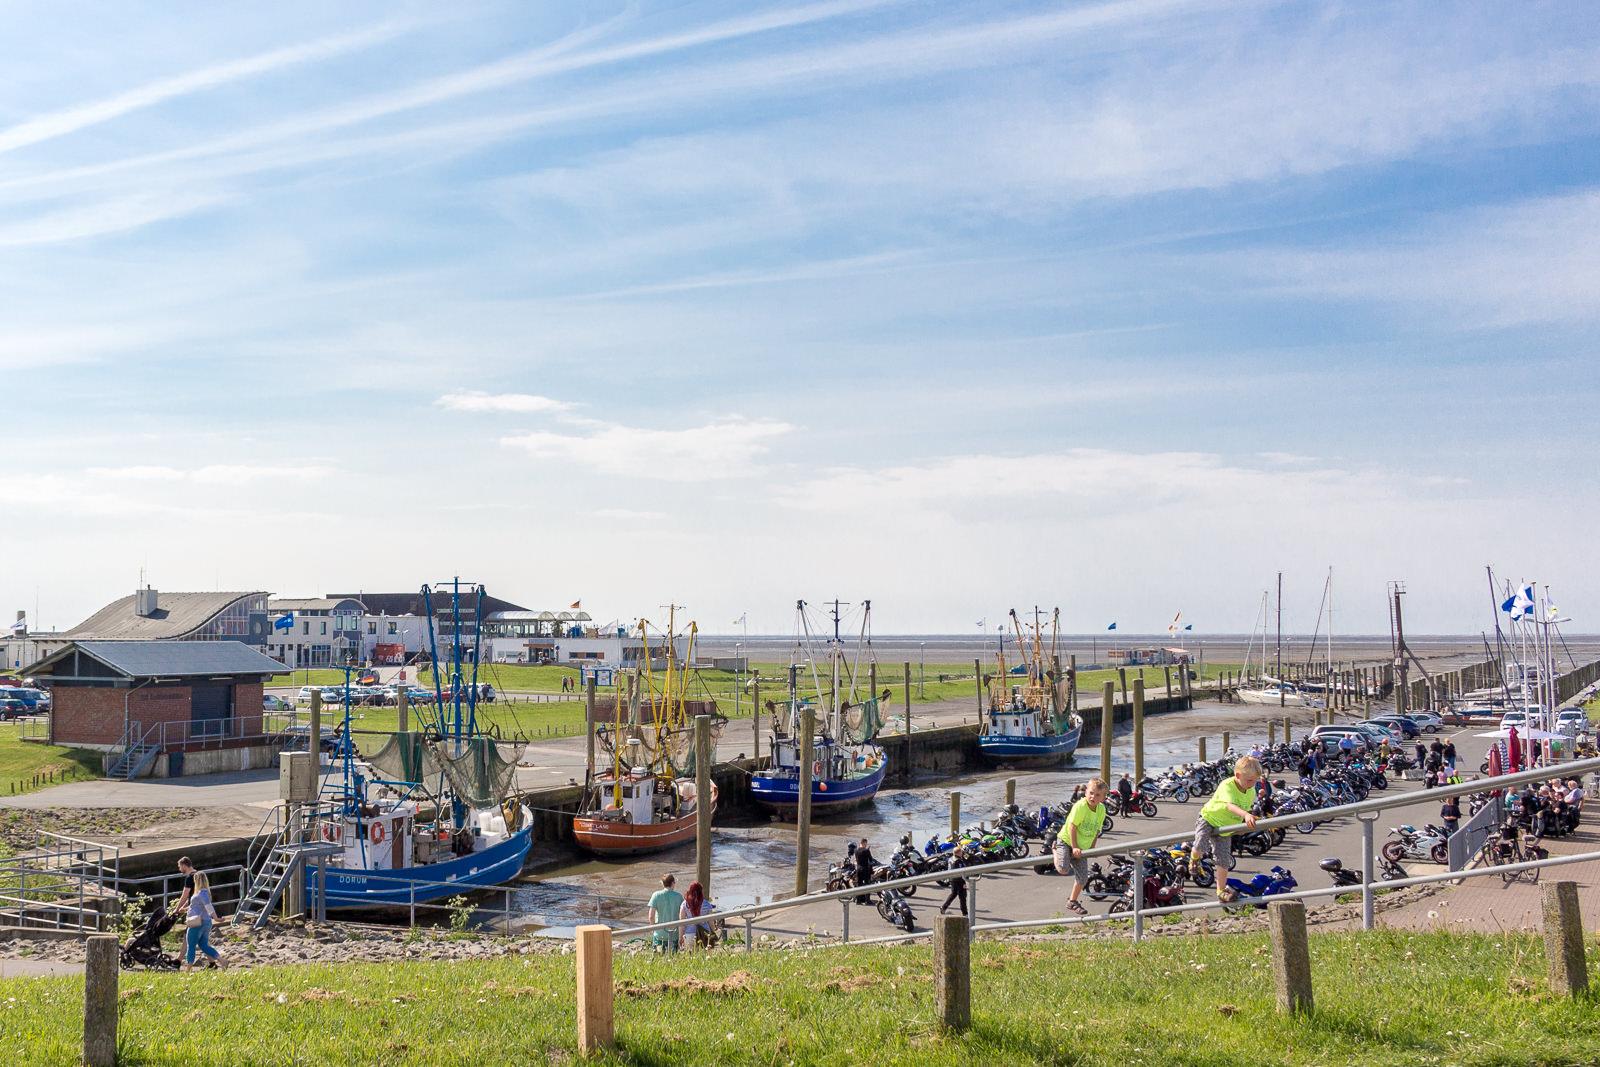 Cuxhaven, Hafen, Schiffe, Ausflugstipp, Krabbenbrötchen, Motorradtreff